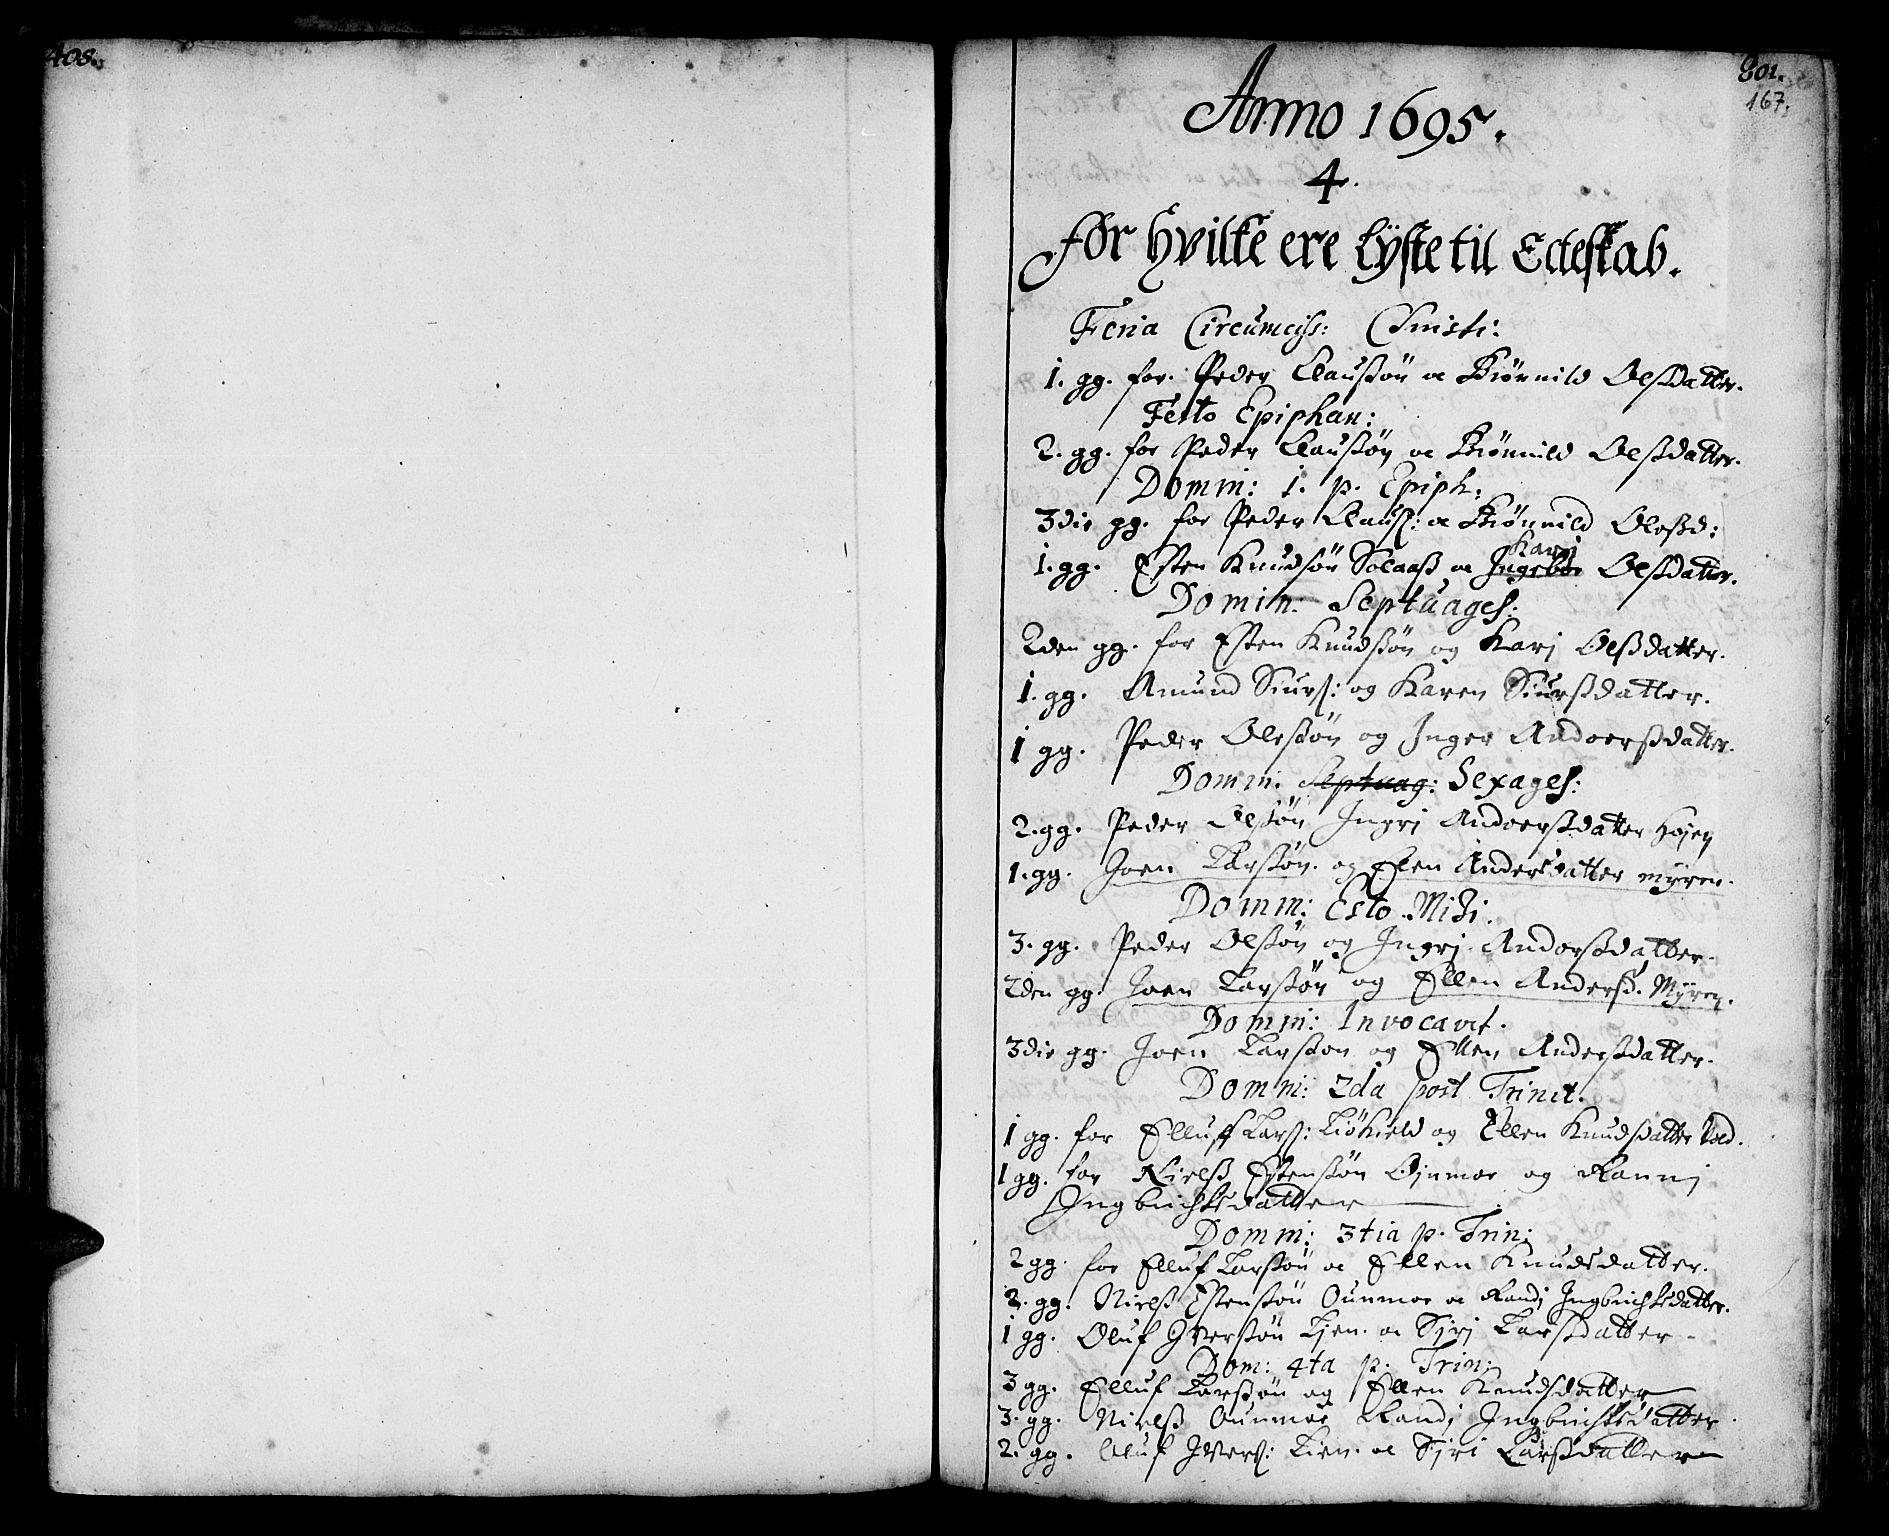 SAT, Ministerialprotokoller, klokkerbøker og fødselsregistre - Sør-Trøndelag, 668/L0801: Ministerialbok nr. 668A01, 1695-1716, s. 166-167